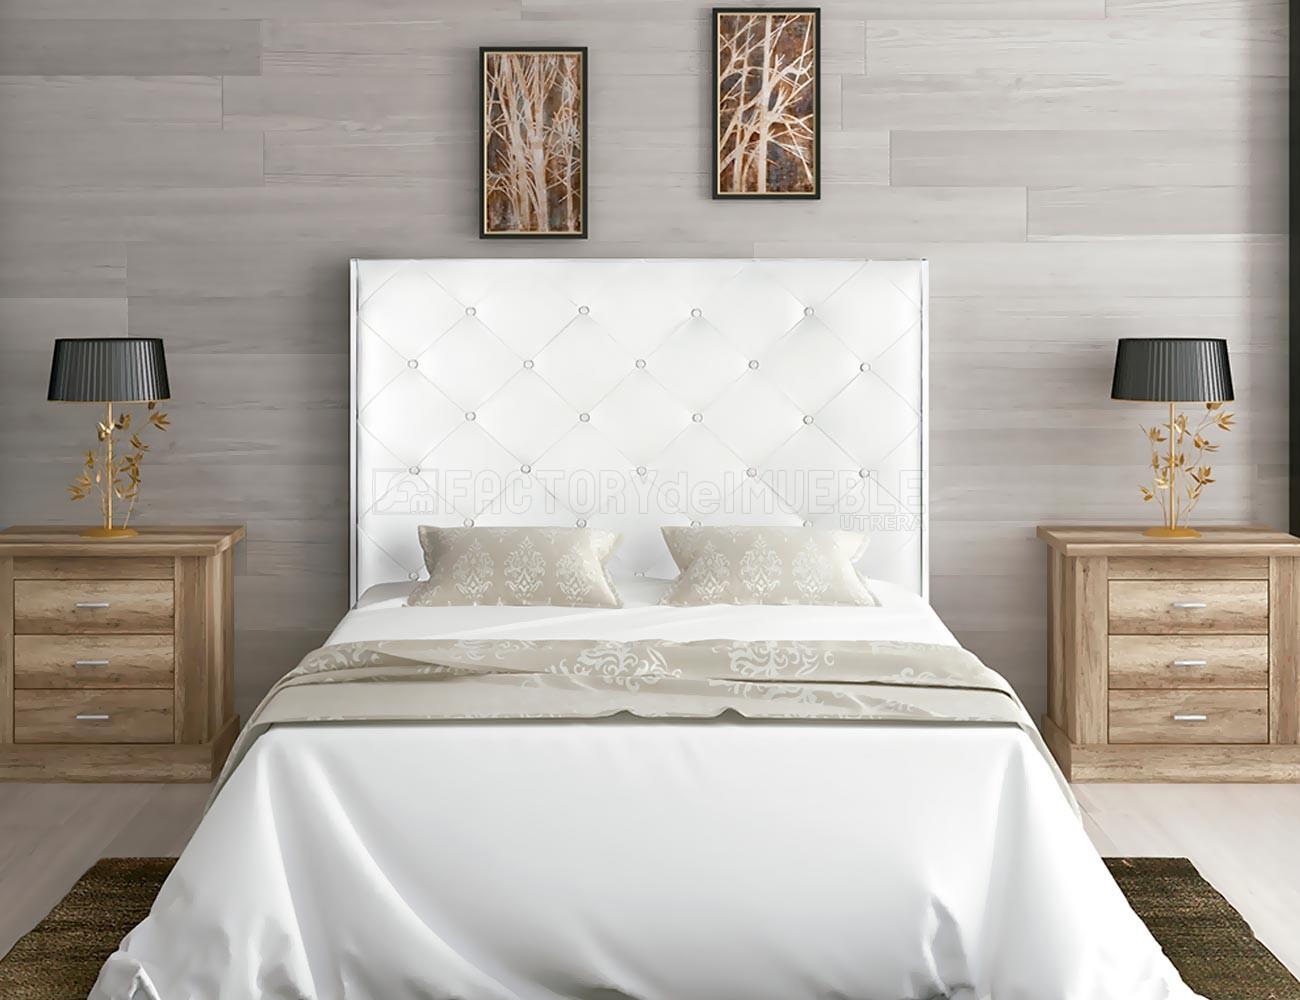 Cabecero tapizado polipiel blanco